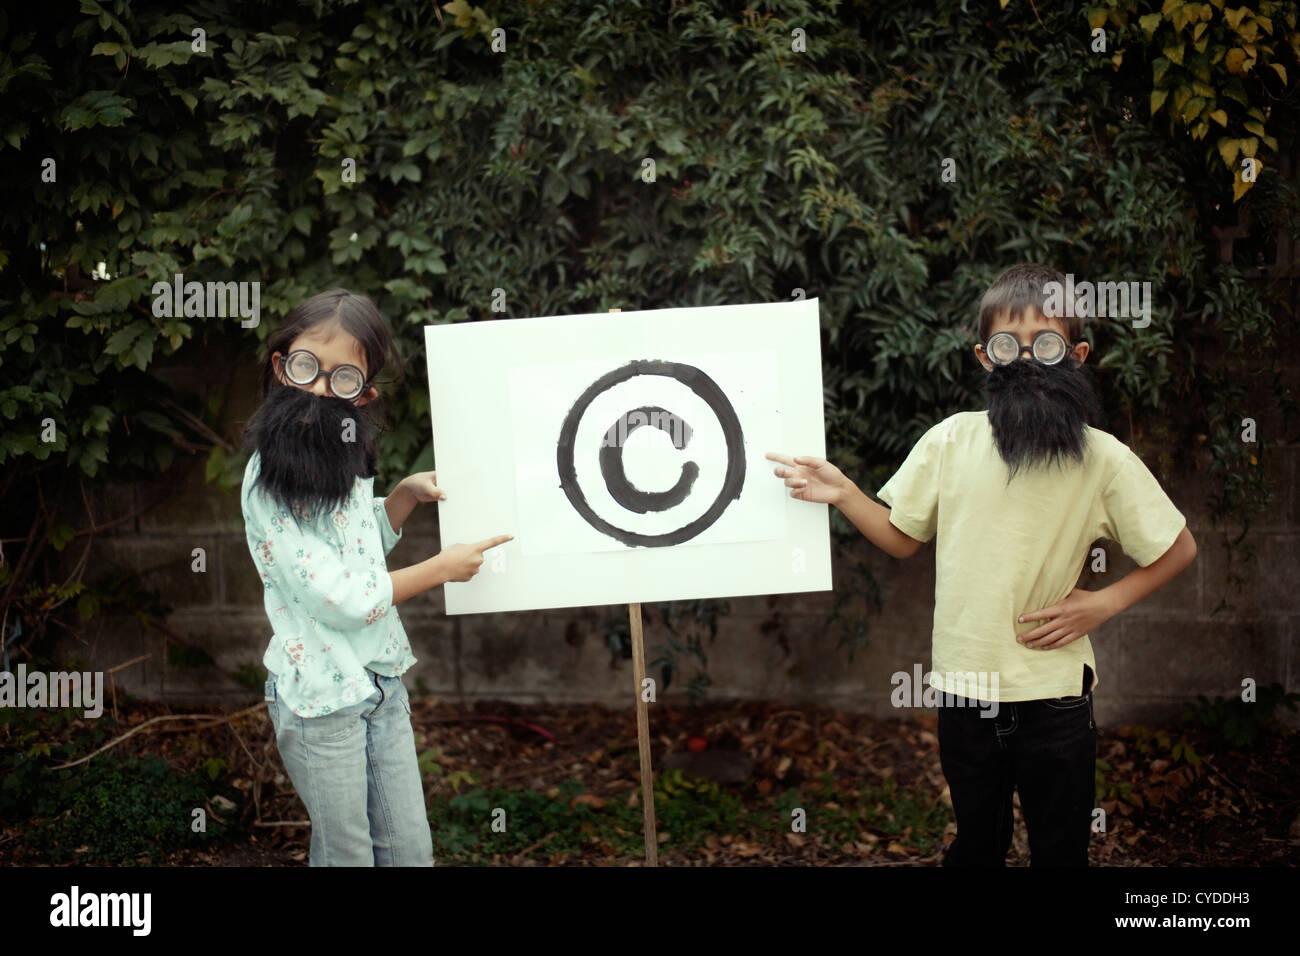 Niño y niña vestida con falsa barba elija el símbolo de copyright. Imagen De Stock